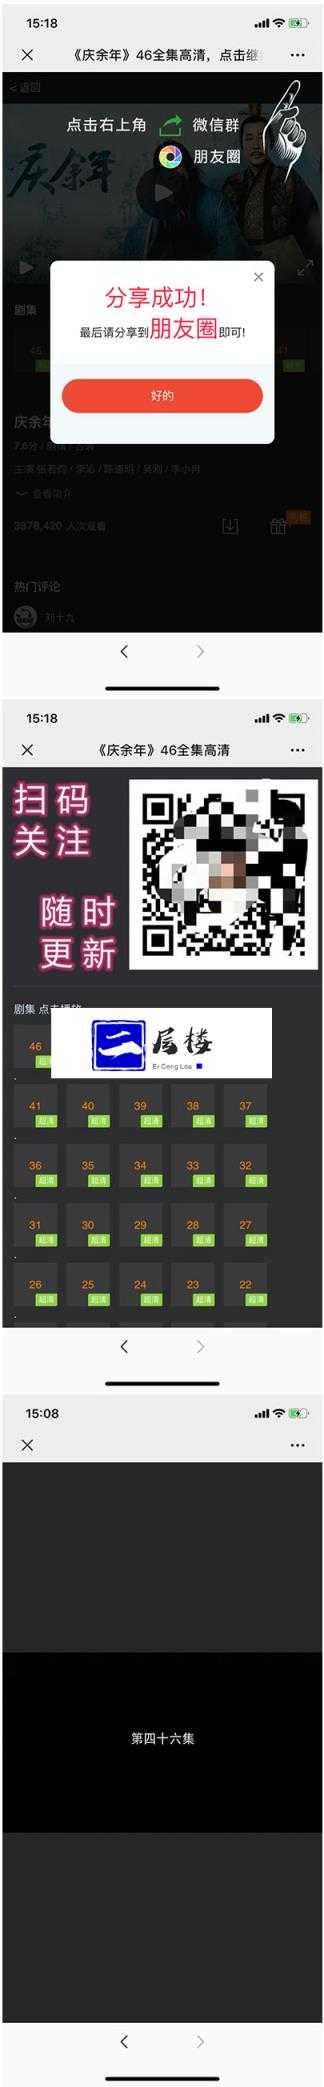 庆余年全集微信分享邀请引流html页面源码插图(1)